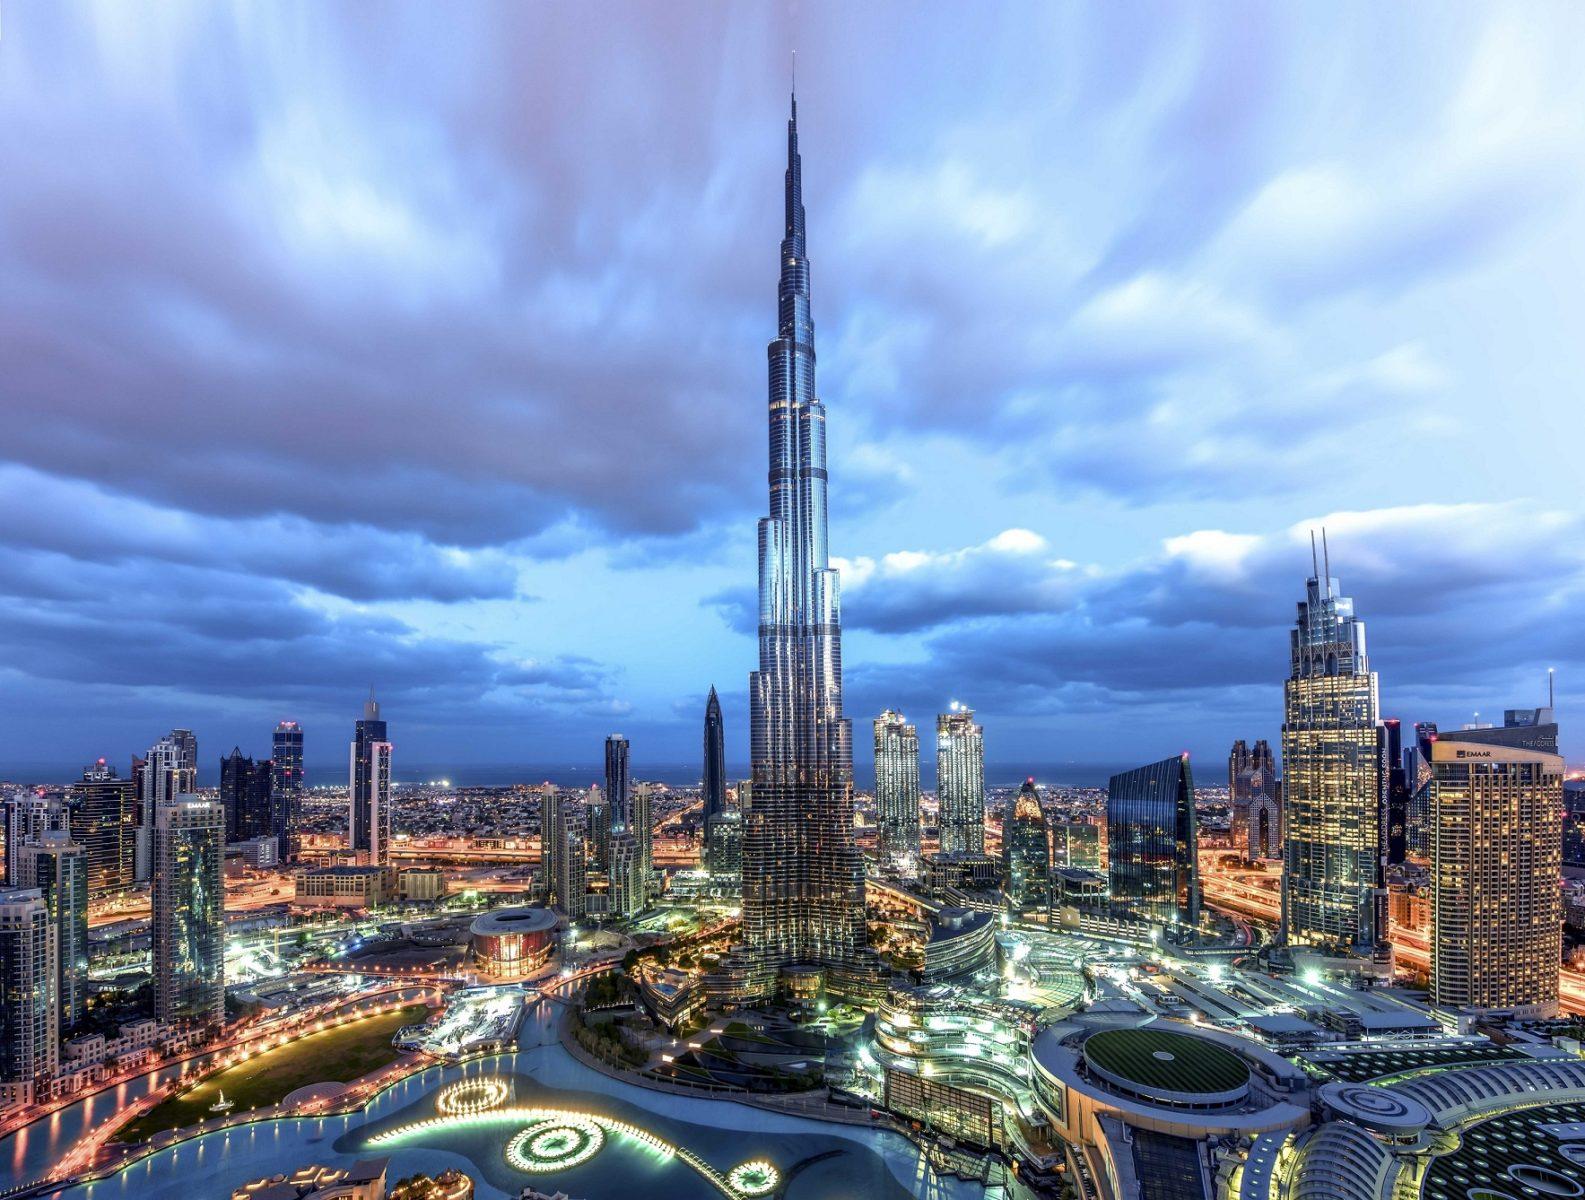 Il famoso Burj Khalifa, l'edificio più alto del mondo